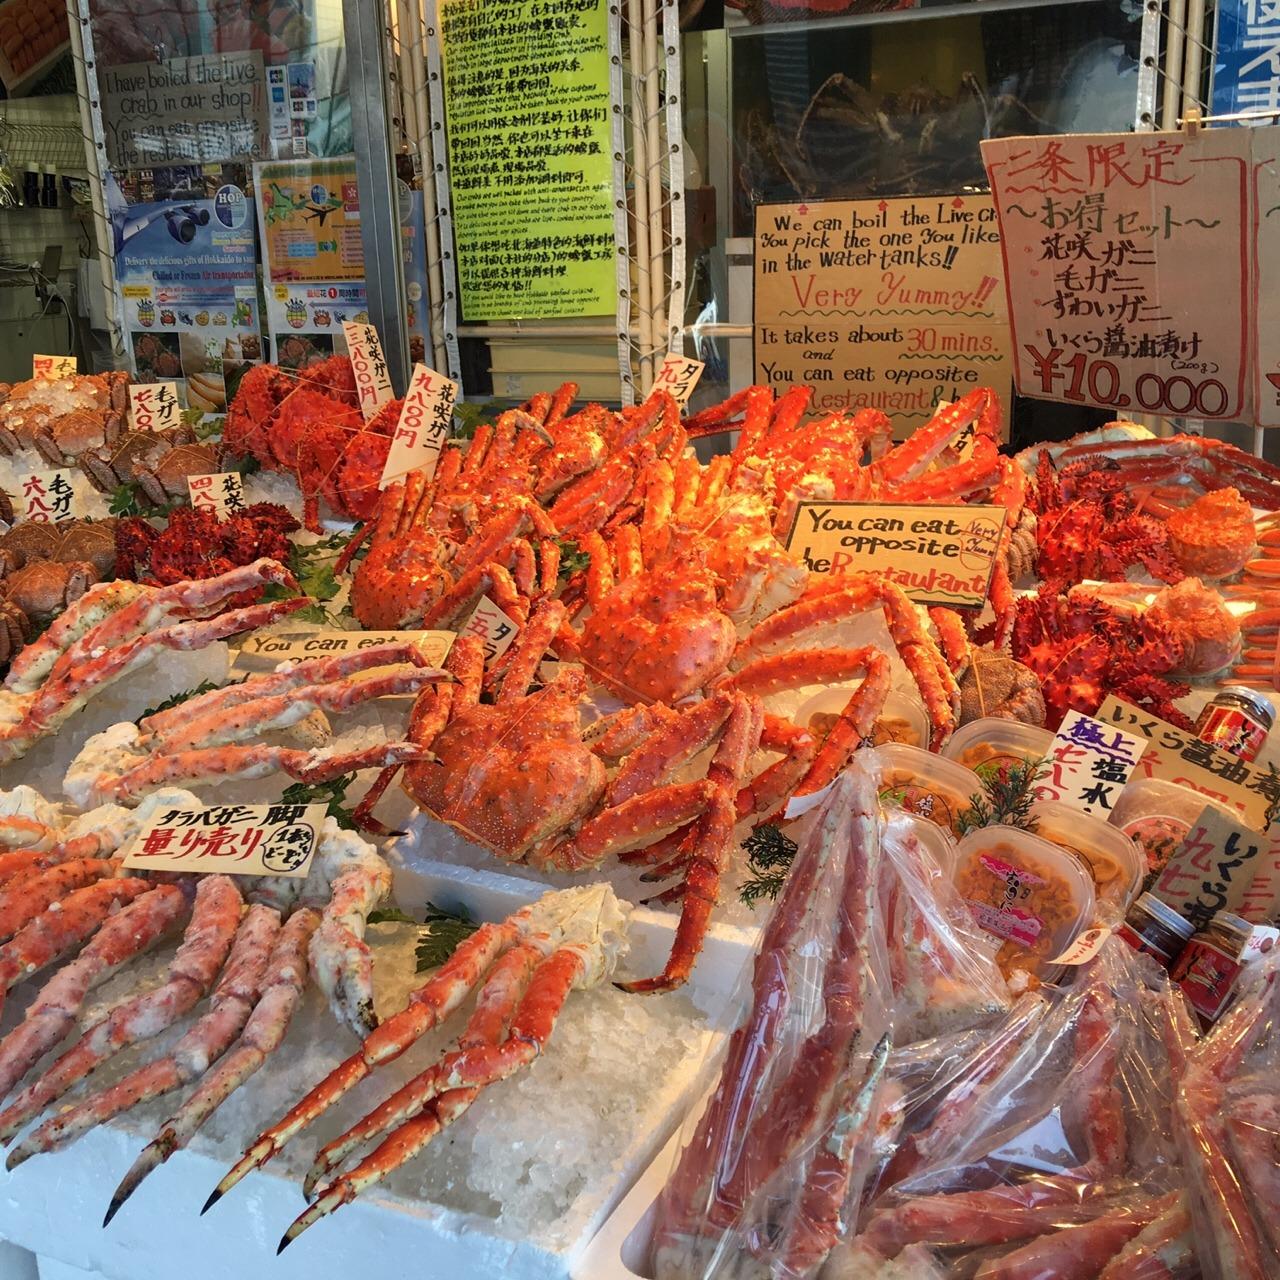 北海道-札幌二条海鲜市场